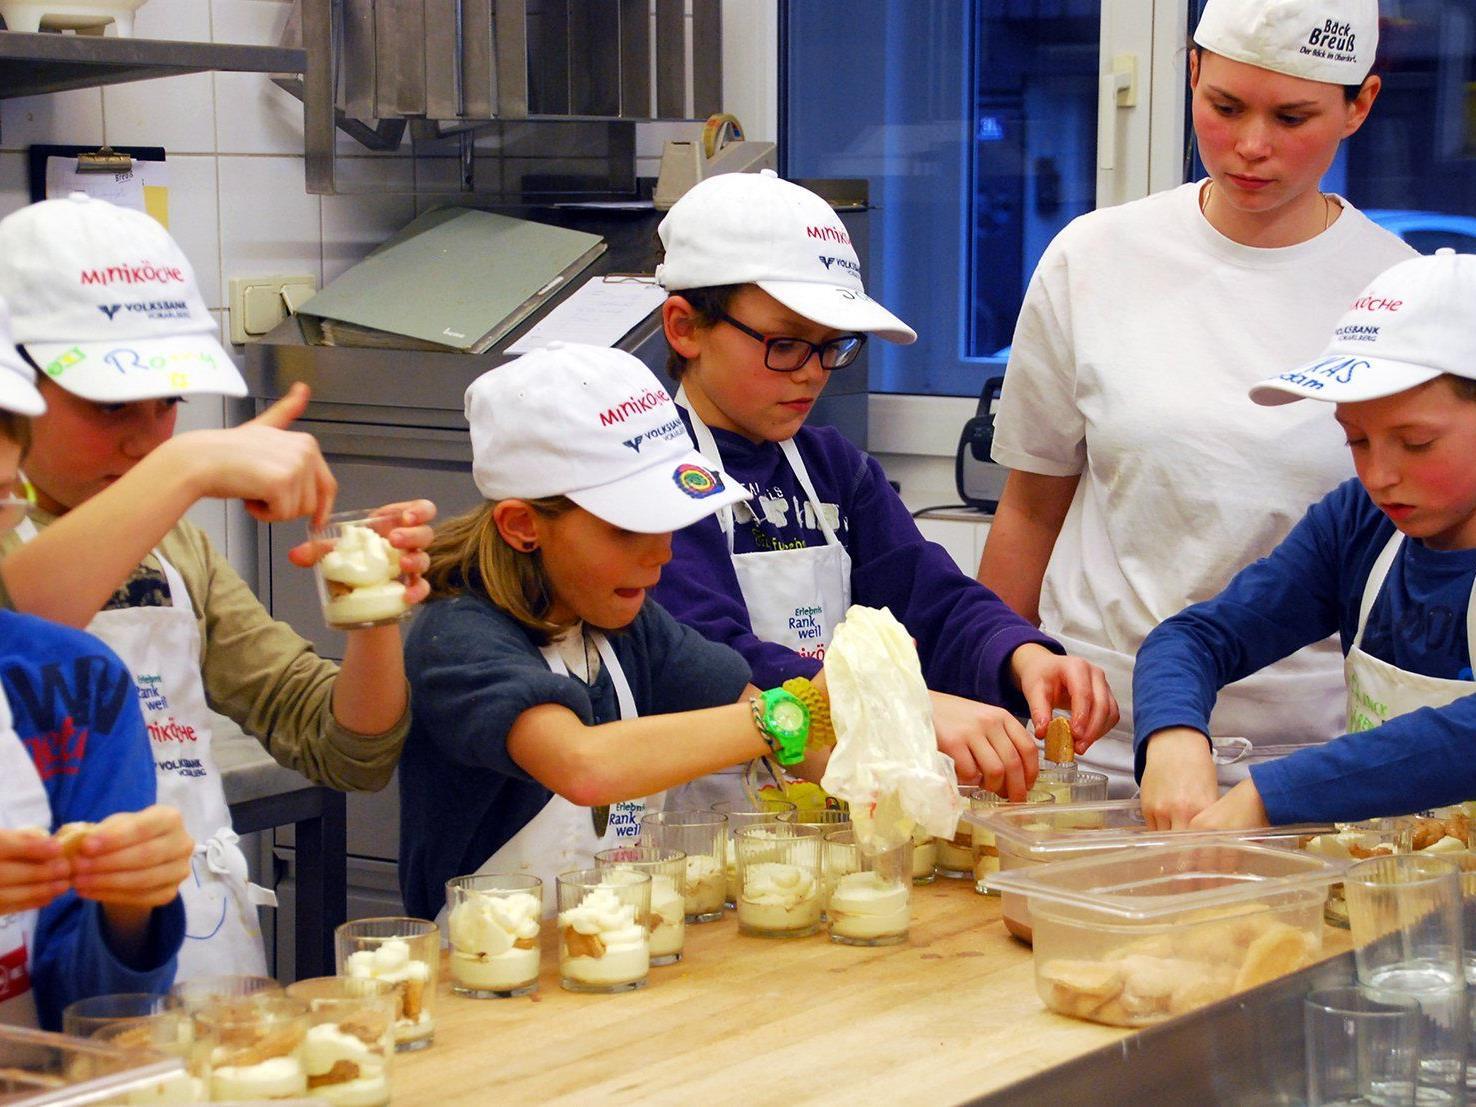 Beim Bäck Breuß schichteten die Rankweiler Miniköche Tiramisu mit selbstgemachten Biskotten.